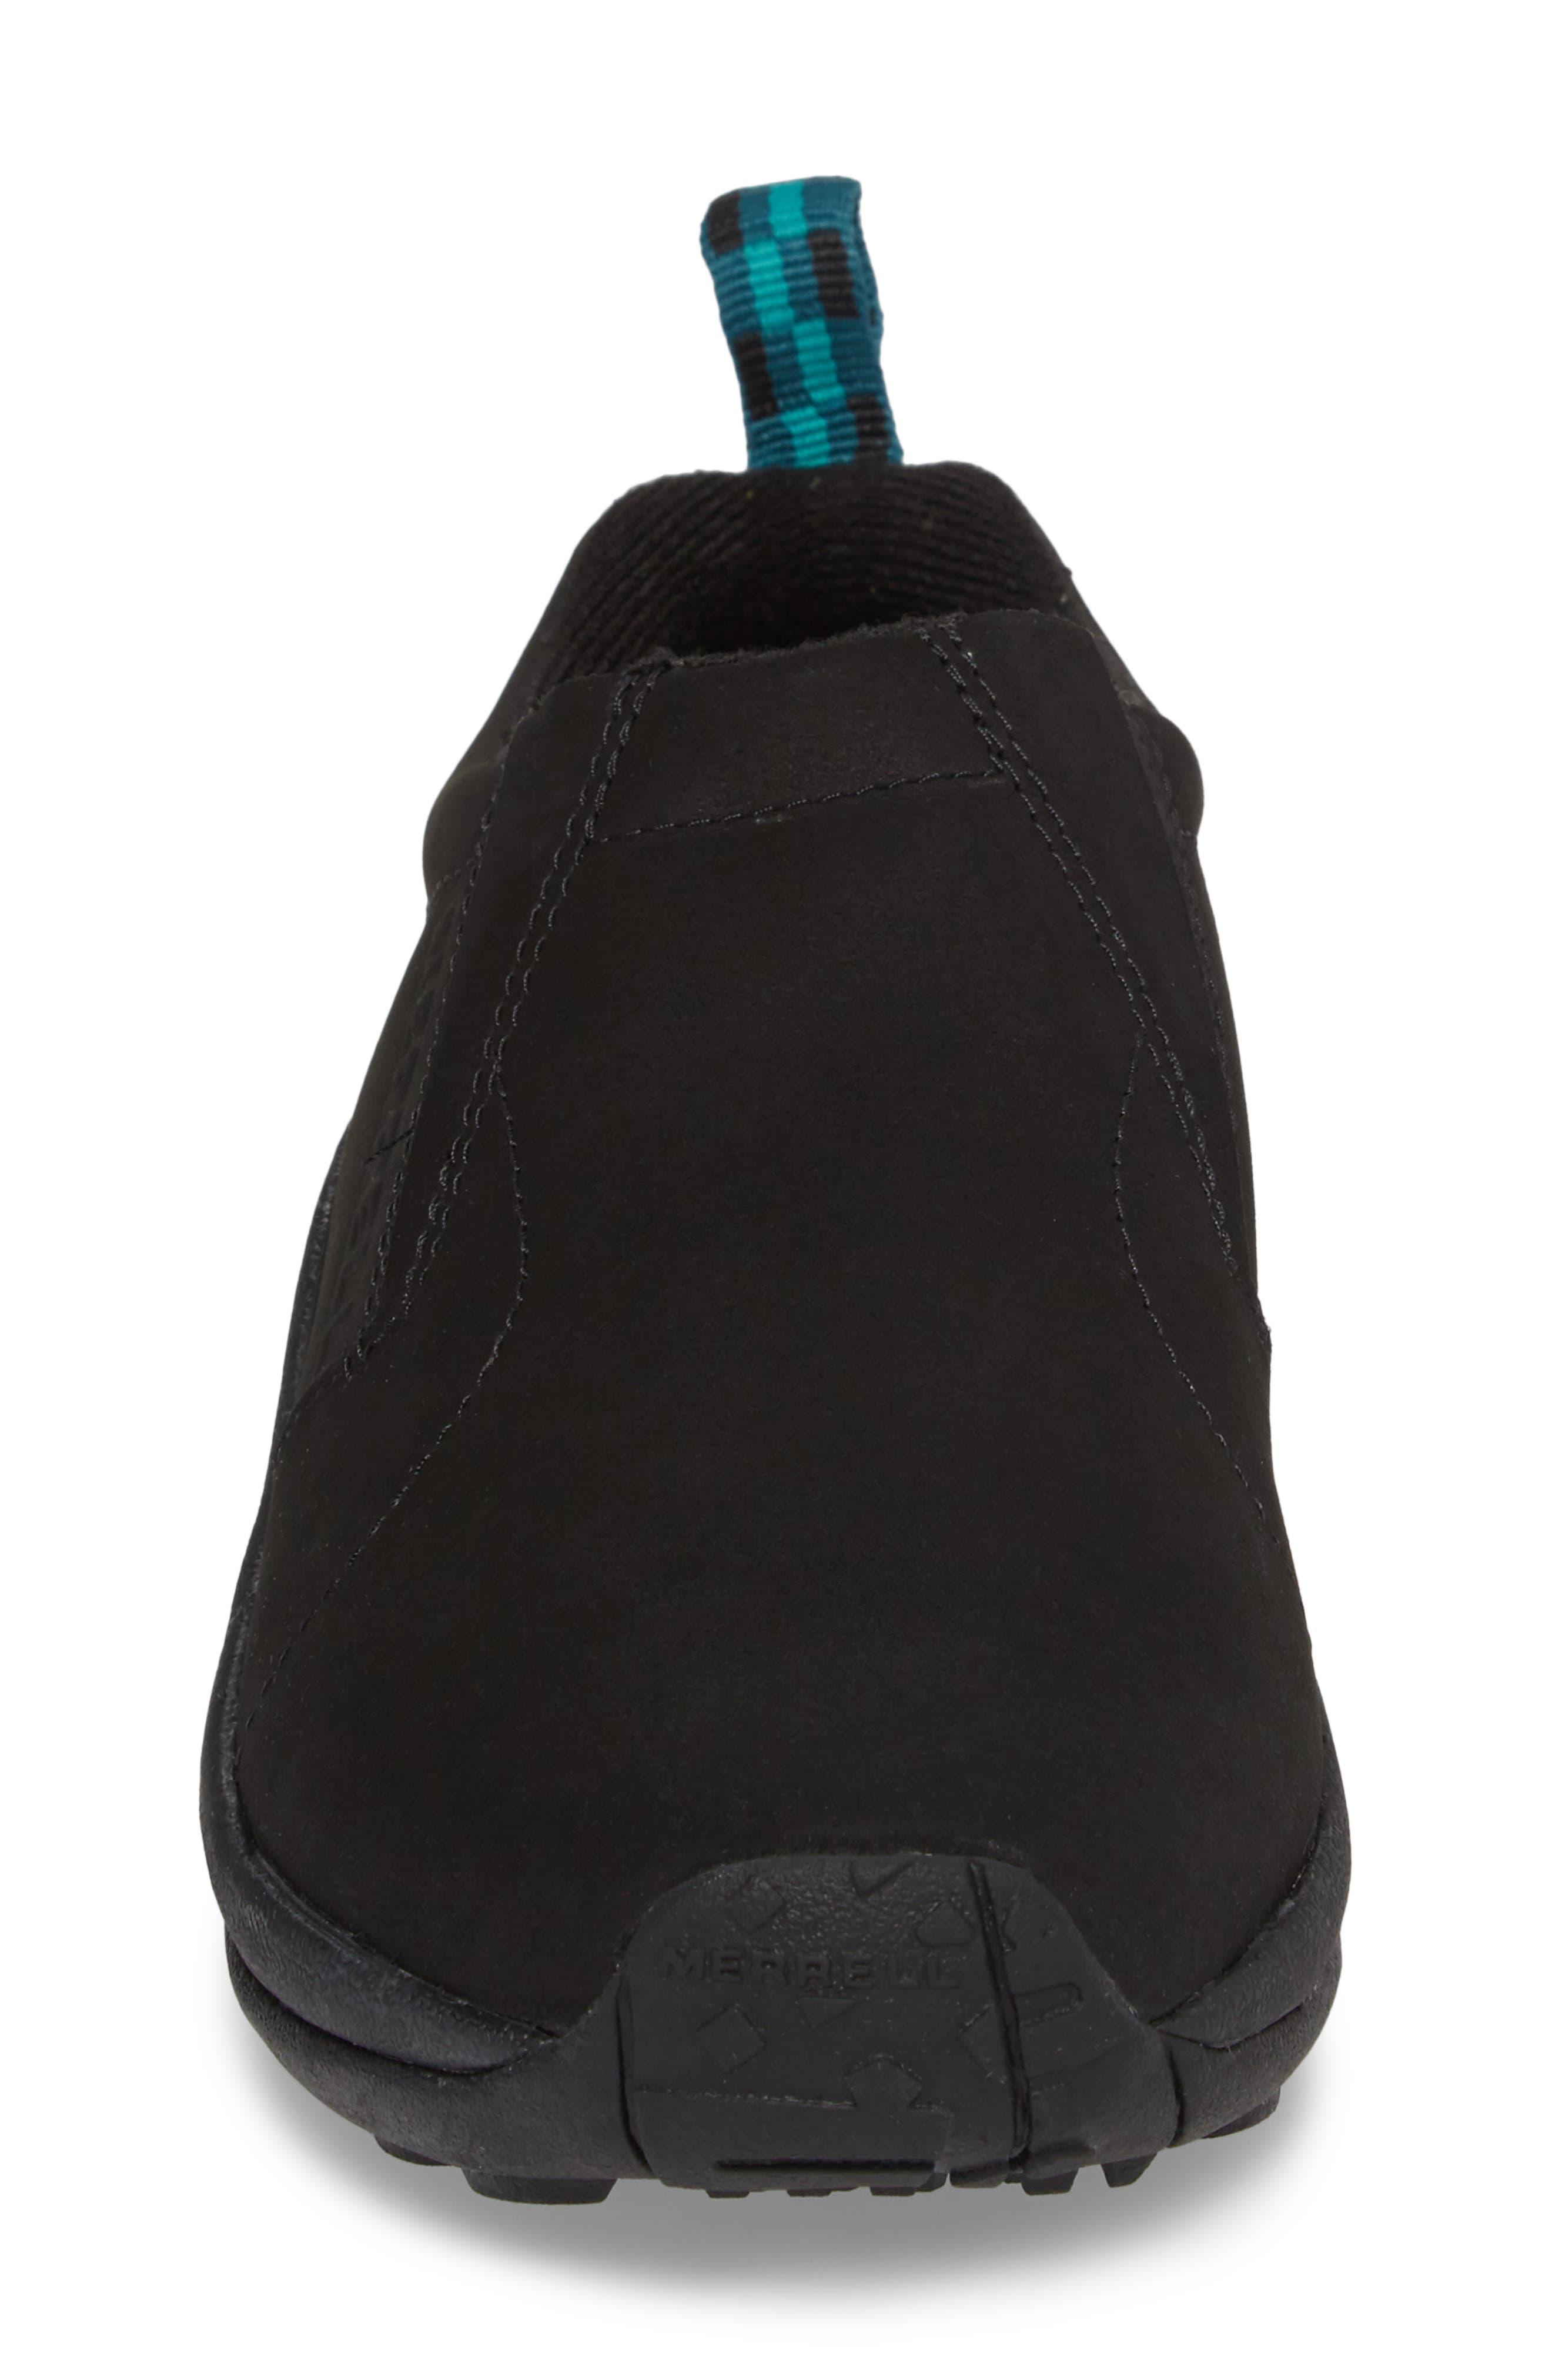 Jungle Moc Nubuck Sneaker,                             Alternate thumbnail 4, color,                             BLACK LEATHER